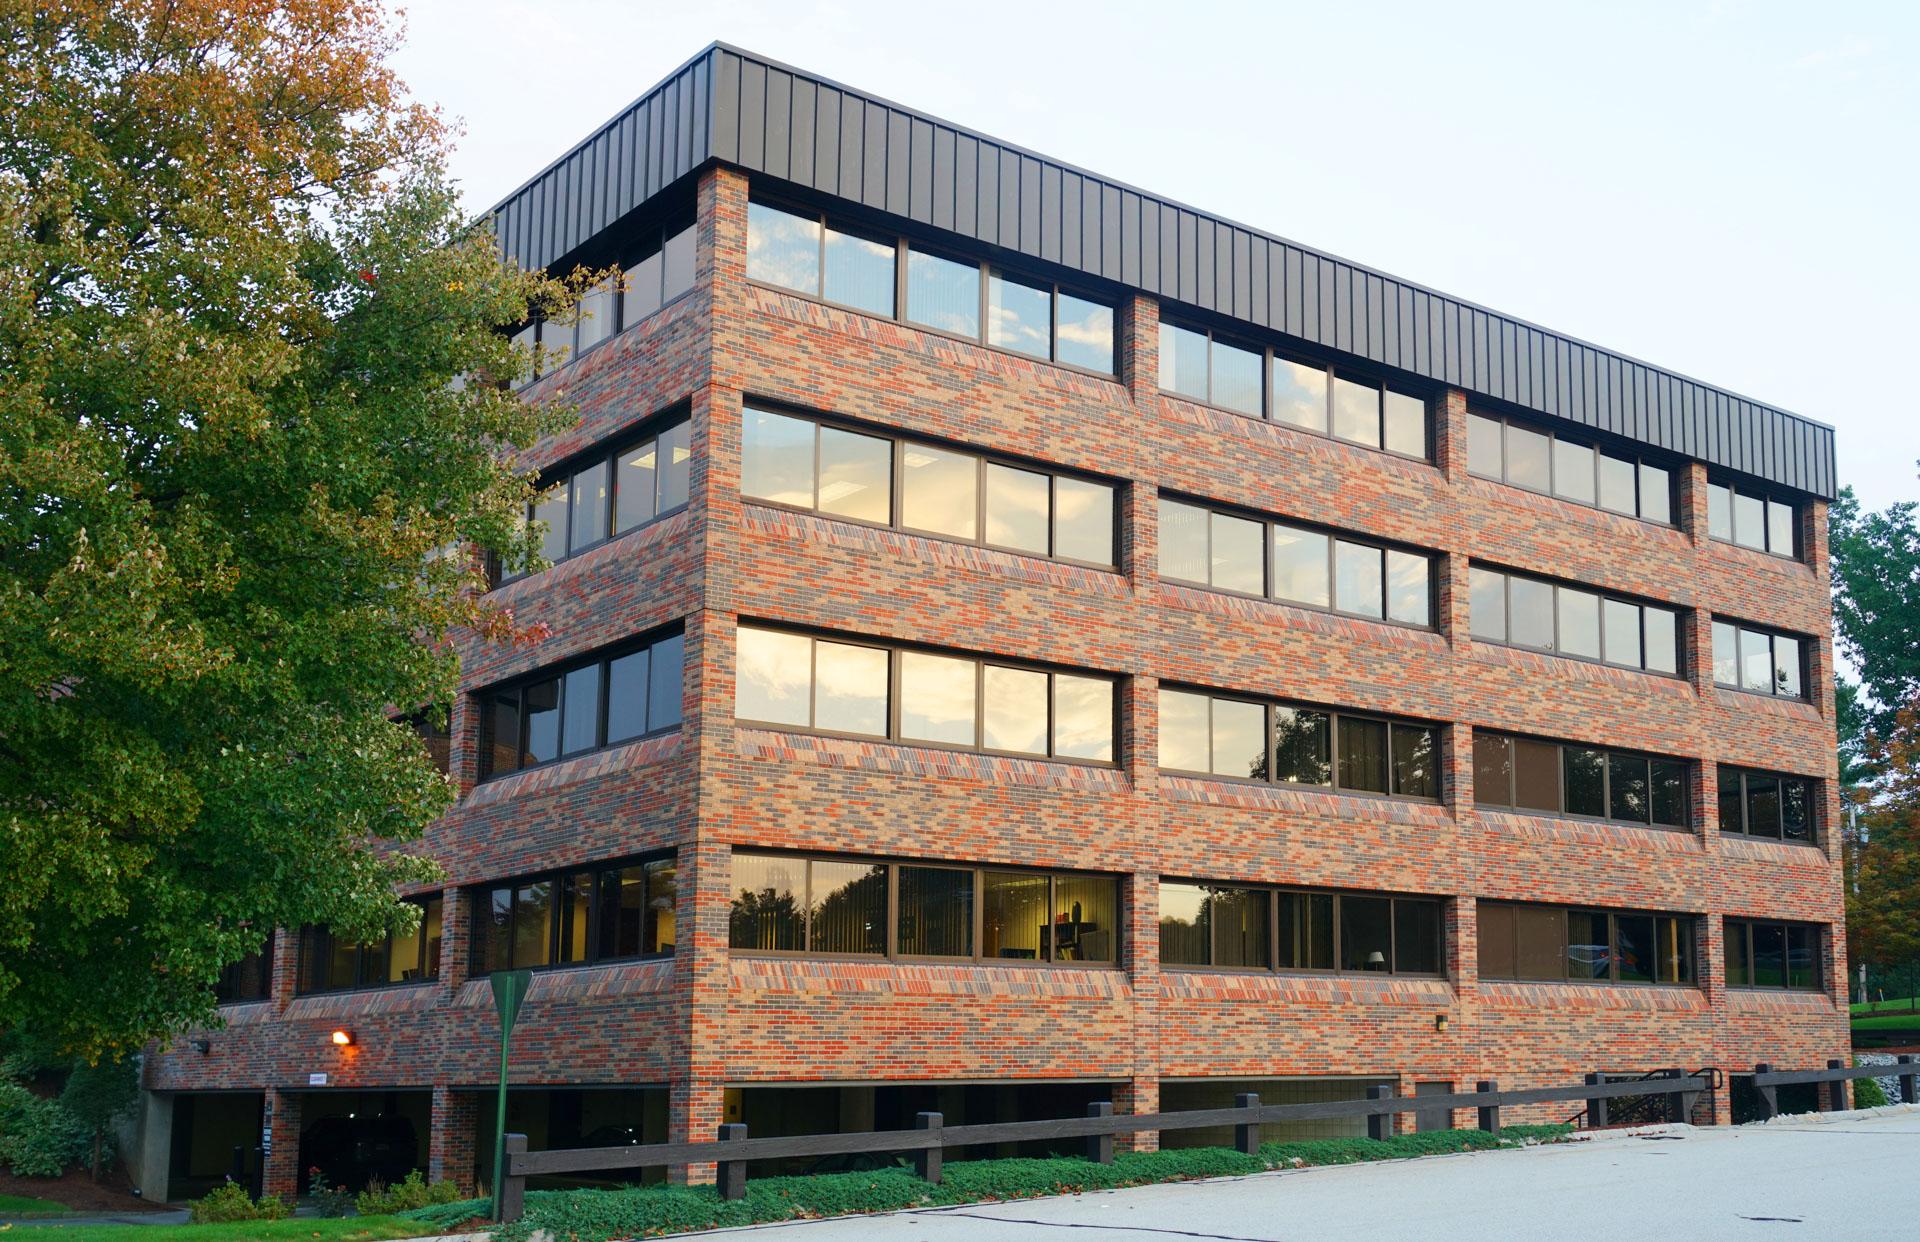 einzelnes Bürogebäude außen im Industriegebiet